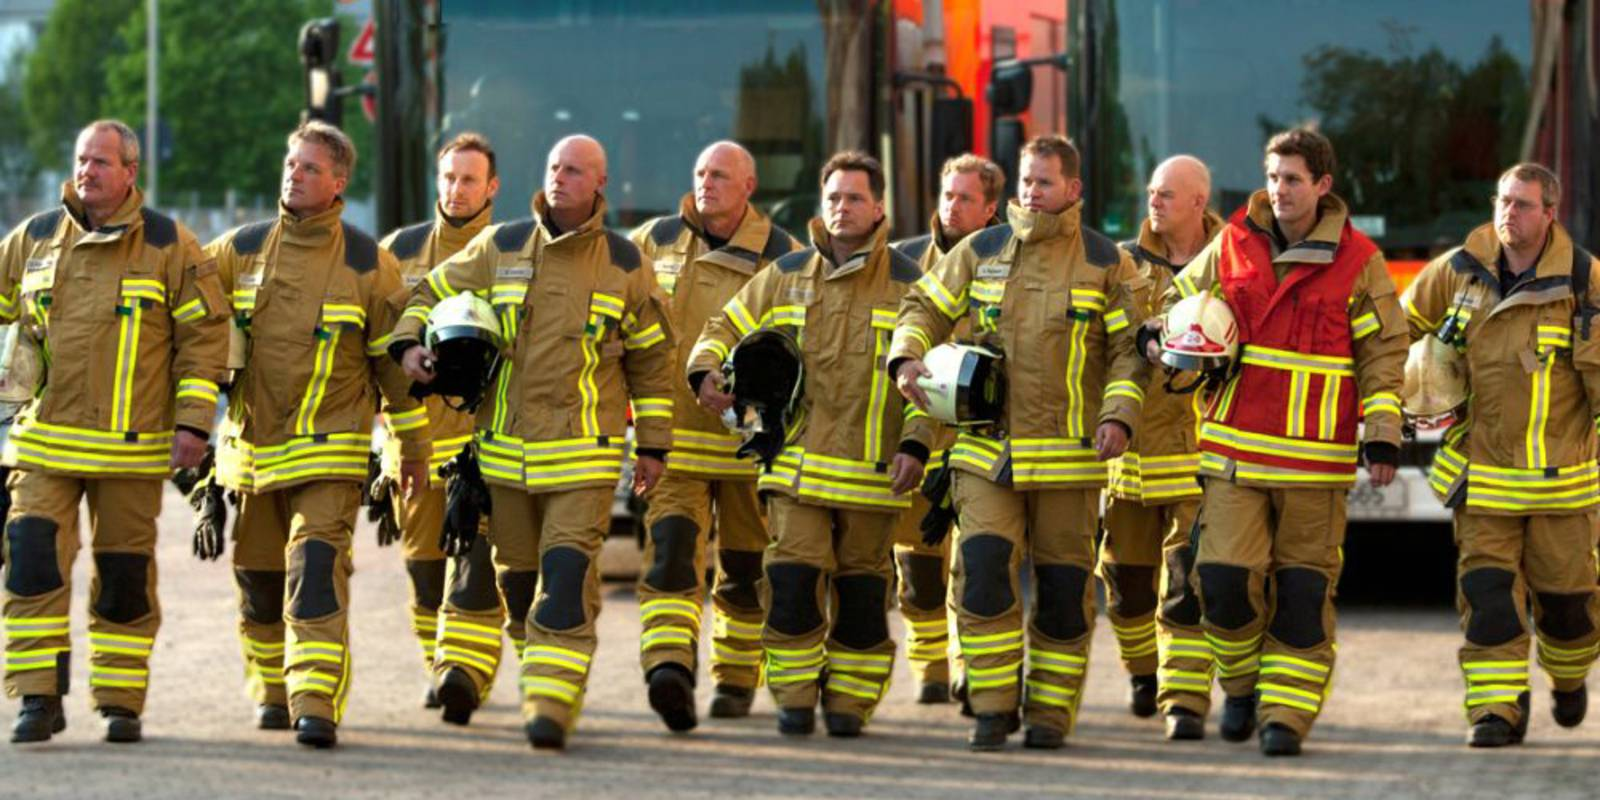 Einsatzkräfte mit neuer Feuerwehrschutzausrüstung